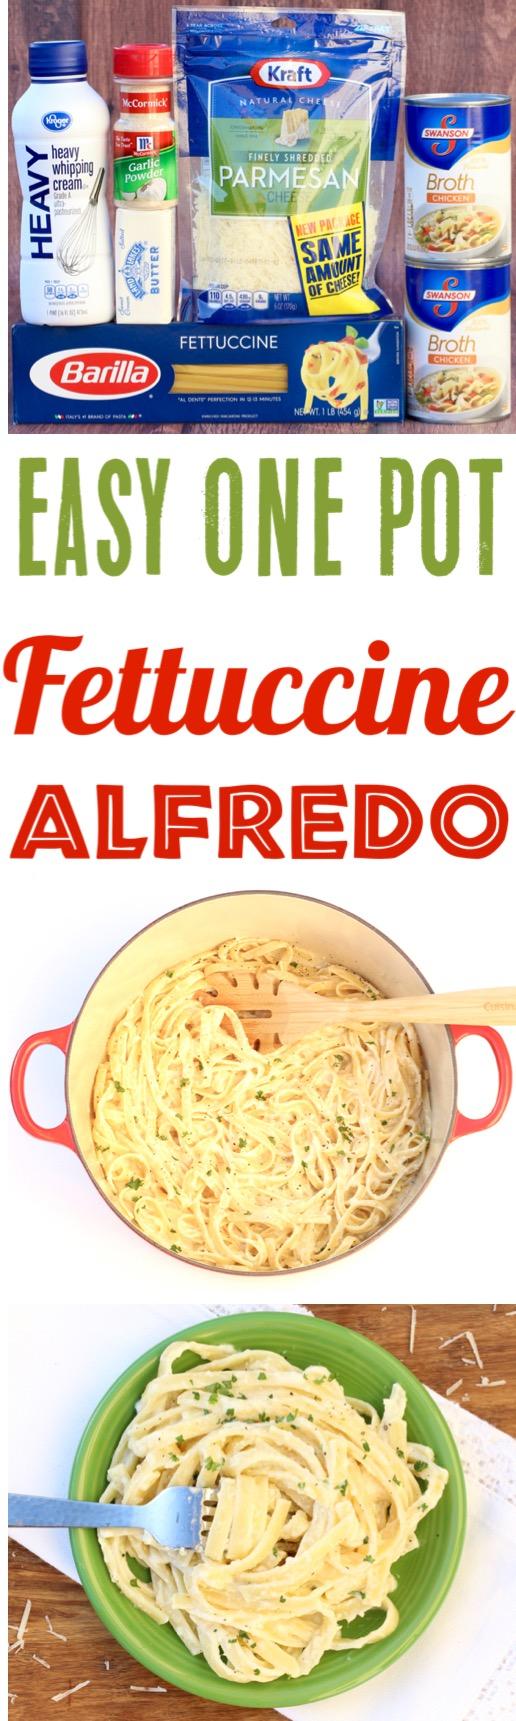 One Pot Fettuccine Alfredo Recipe Easy Pasta Dinner